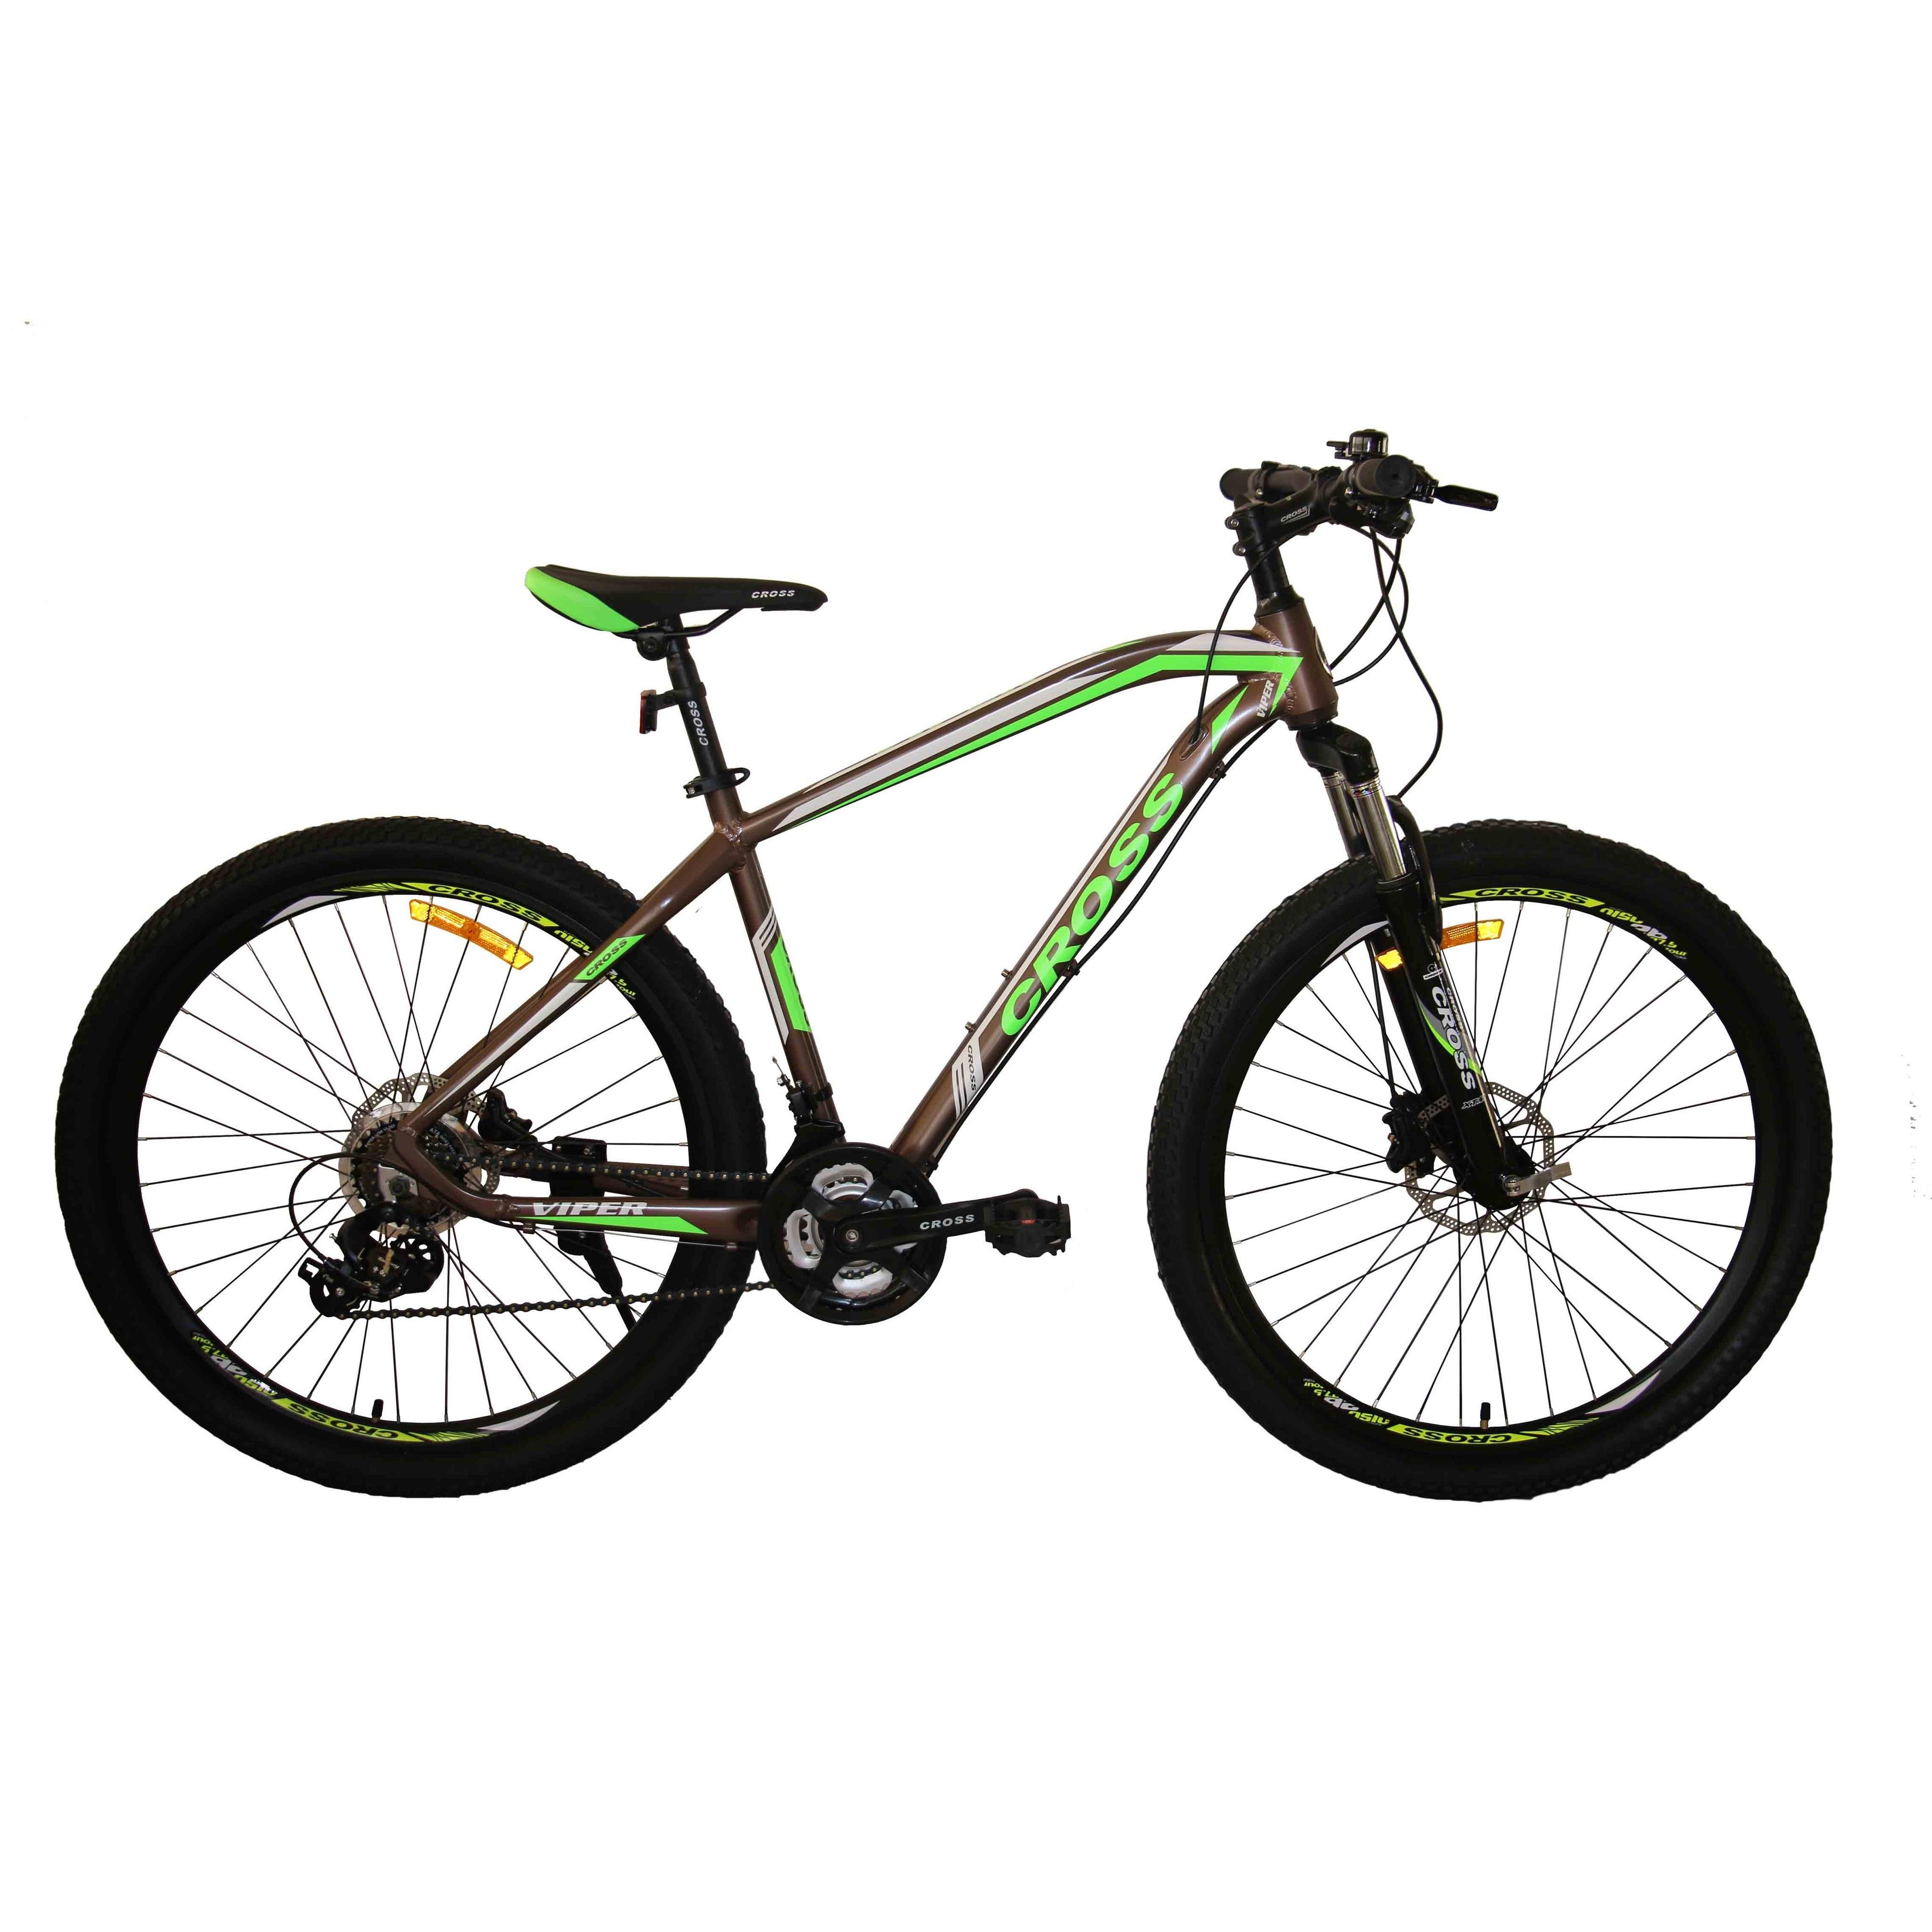 دوچرخه کوهستان کراس مدل VIPER سایز 27.5 اینچ |